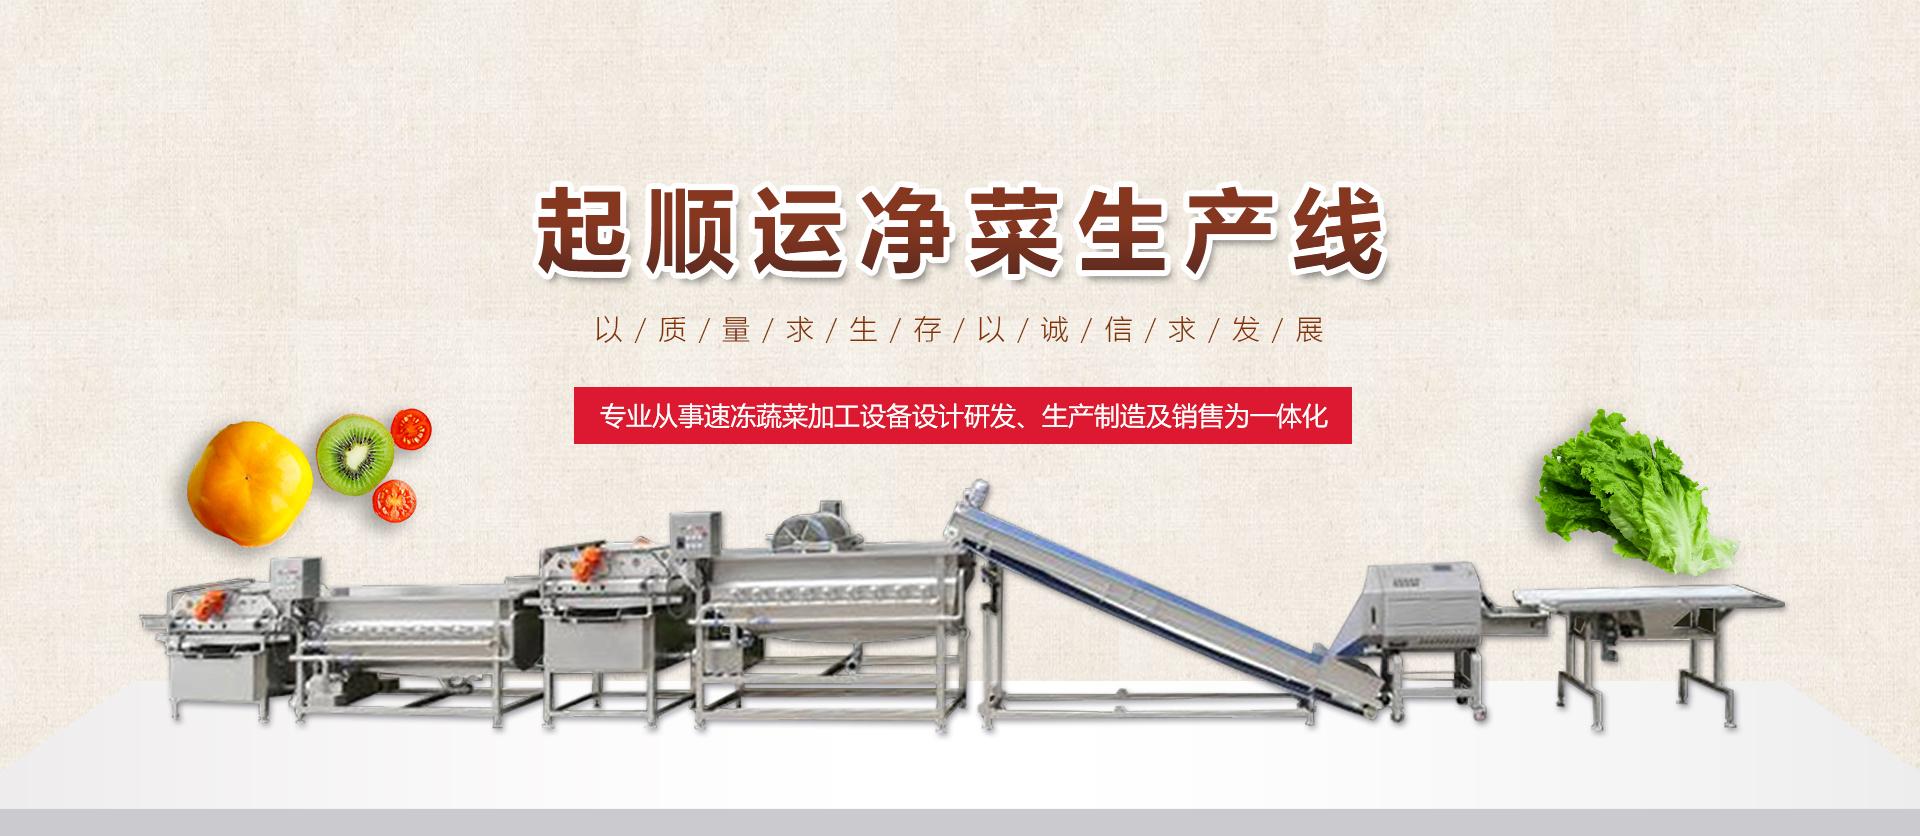 净菜机生产线